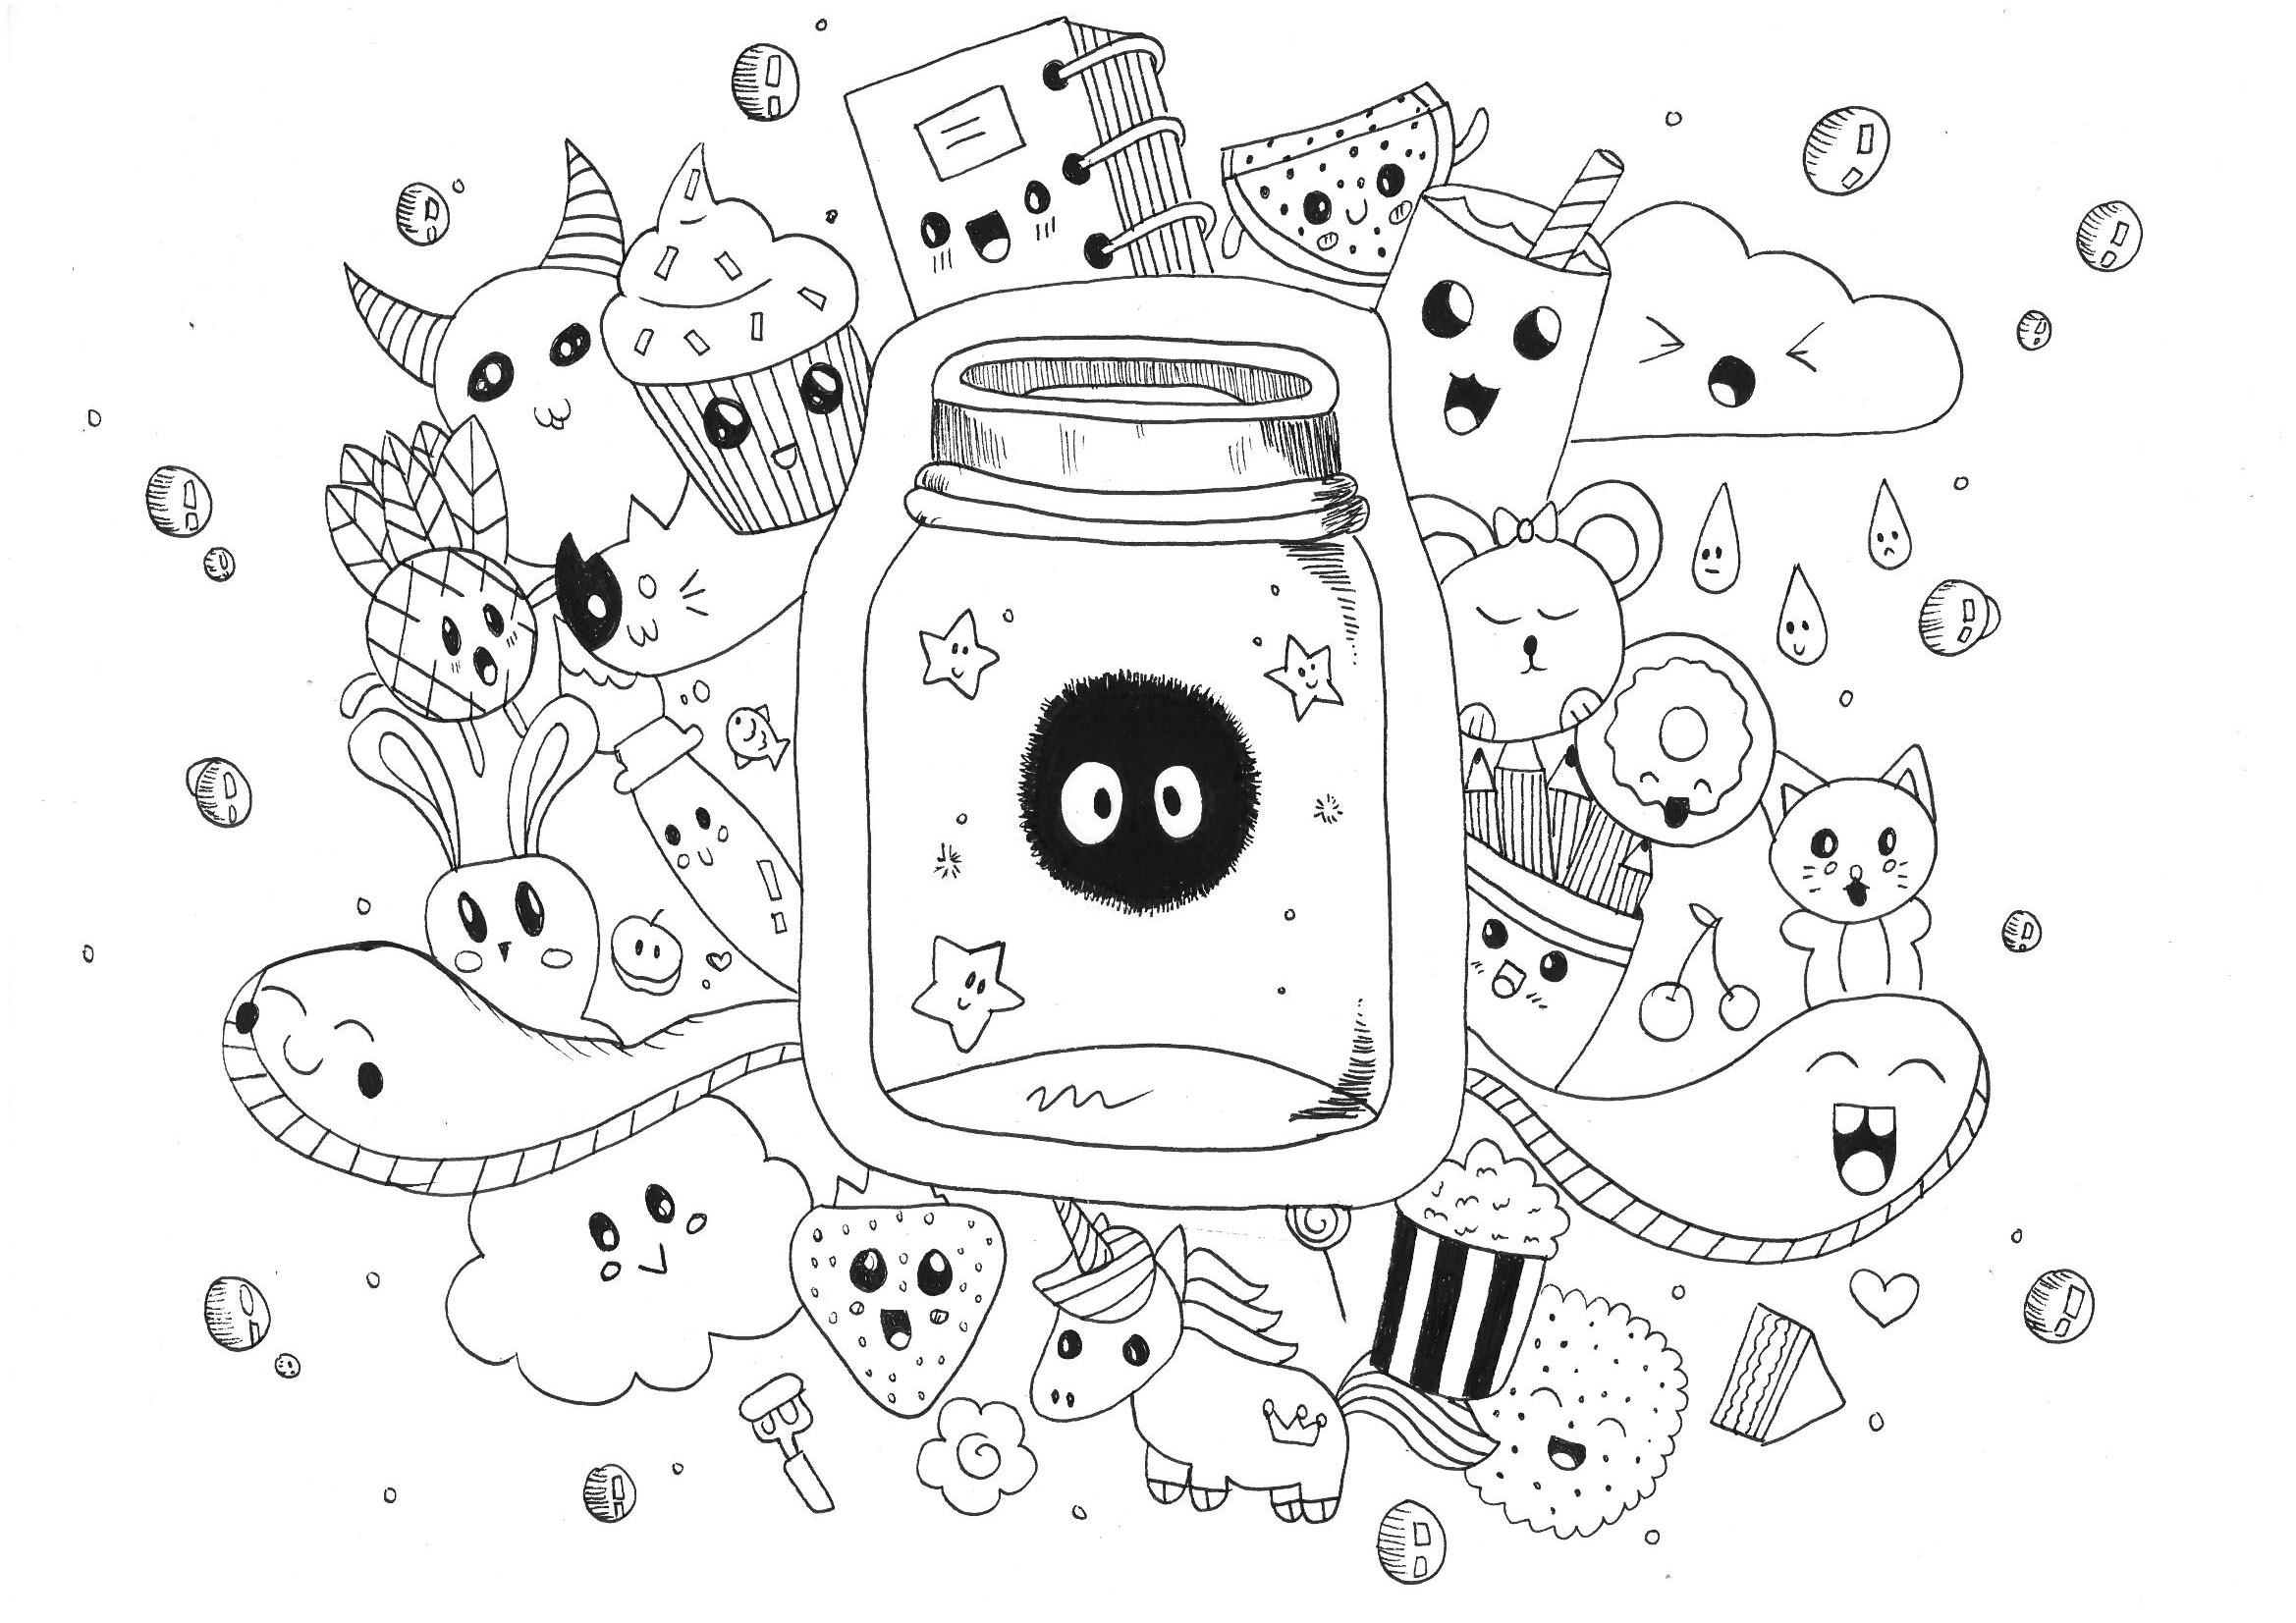 Doodle en mode Kawaii